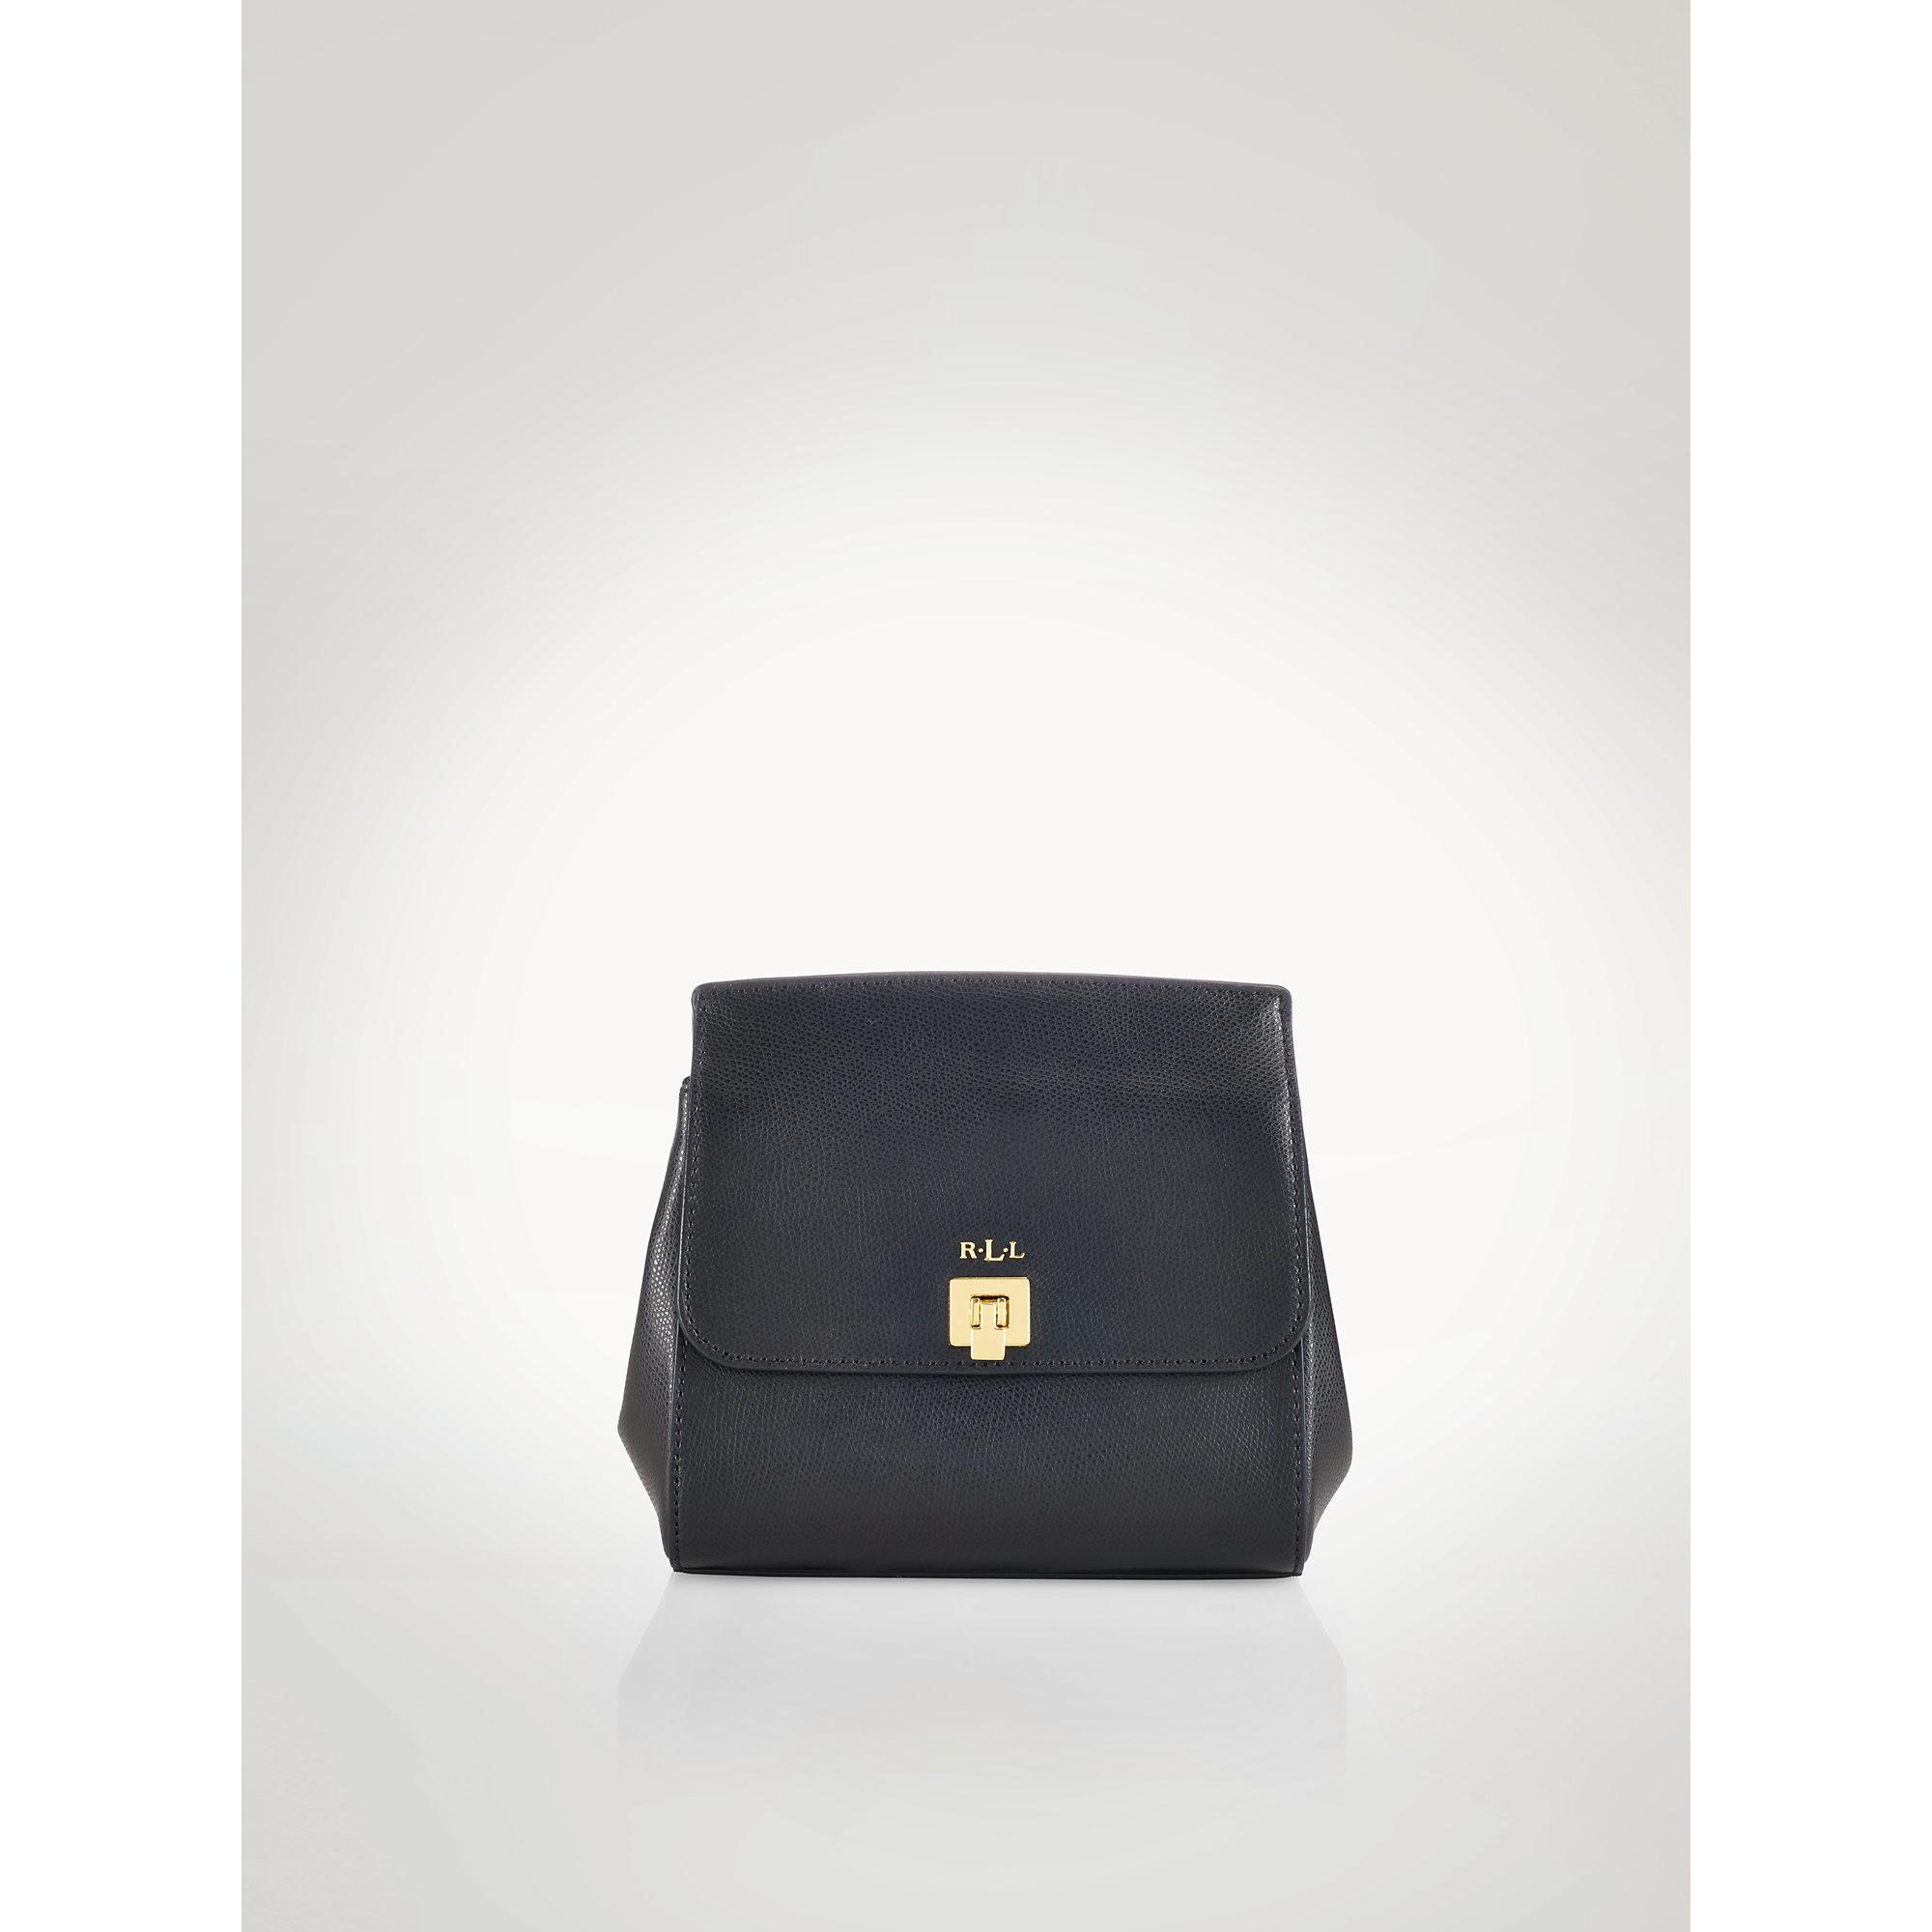 ab0f21da653e ... ebay lyst ralph lauren whitby leather cross body bag in black e709f  23120 ...